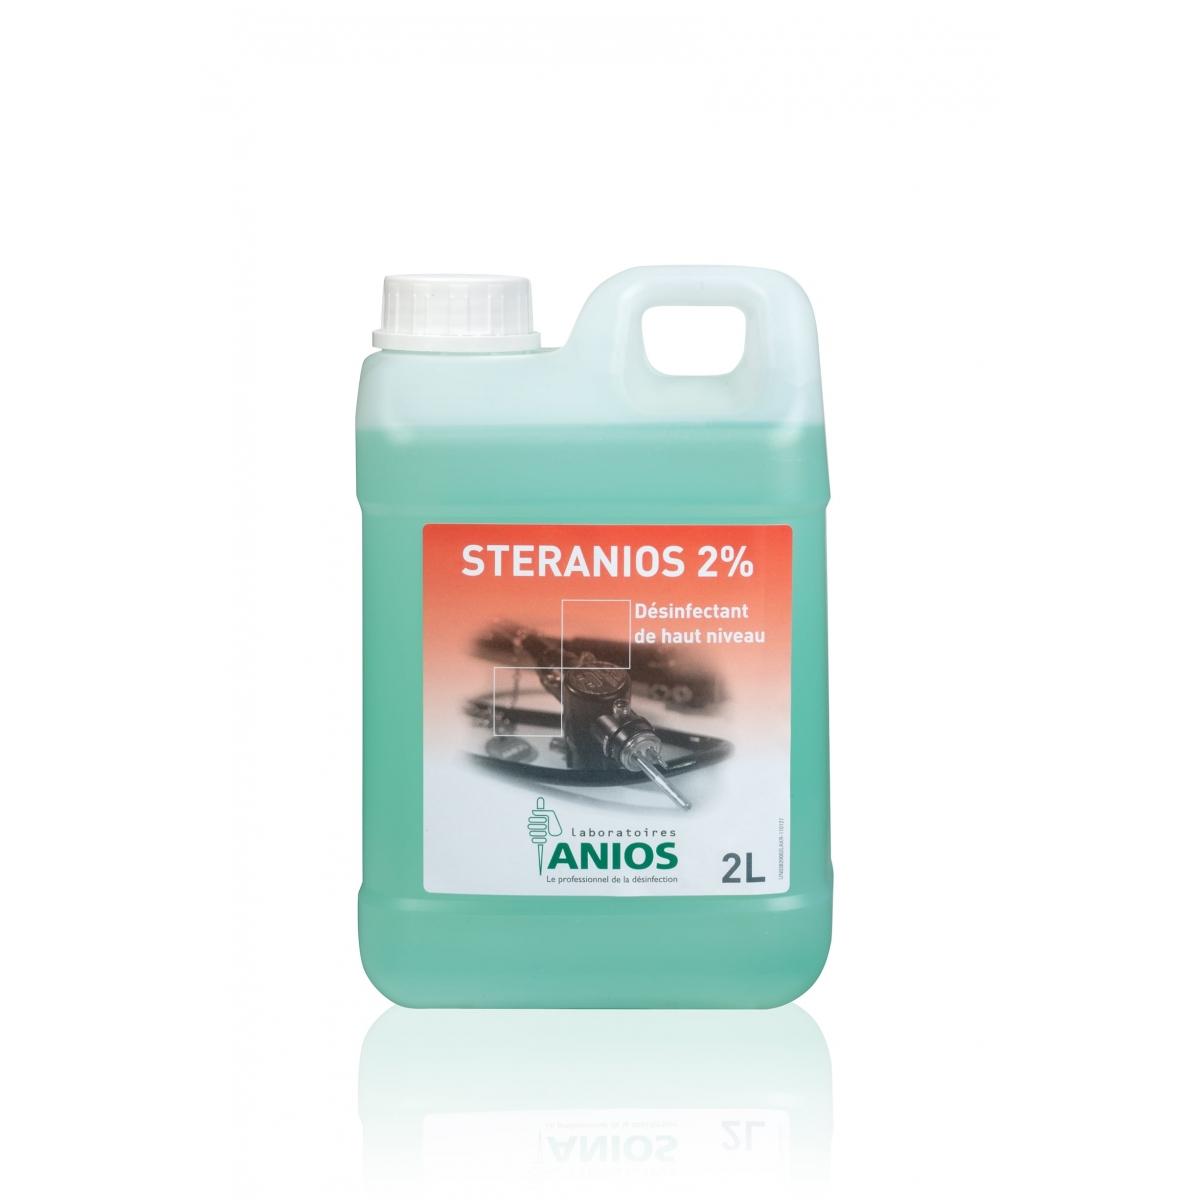 HYGIENE - DESINFECTANT A FROID STERANIOS 2% ANIOS (2 L)